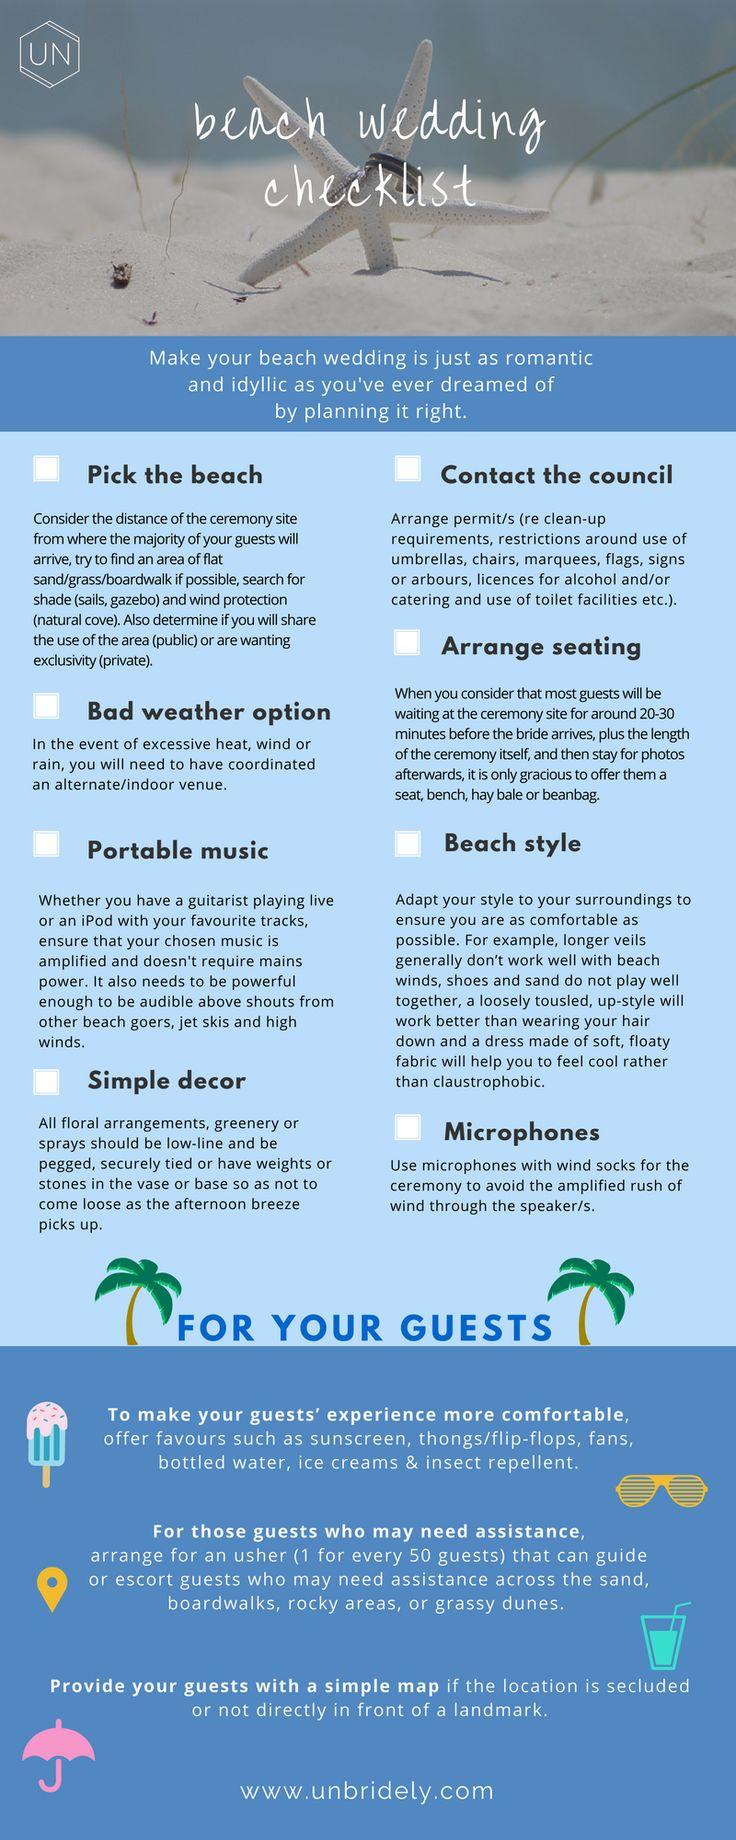 Unbridely beach destination wedding checklist weddingchecklist